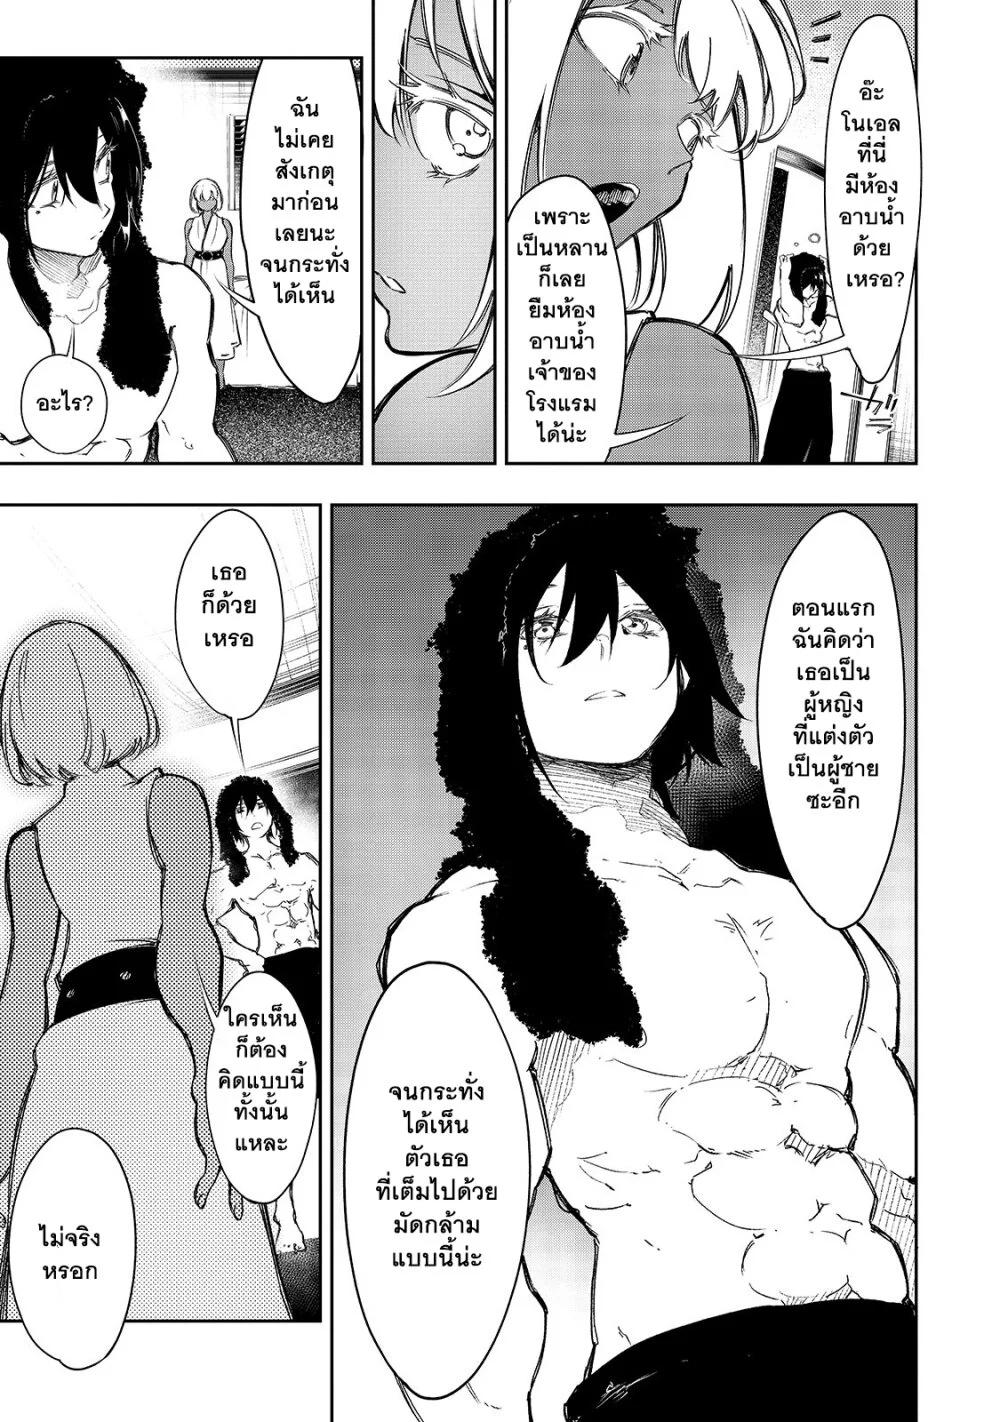 อ่านการ์ตูน Saikyou no Shien-shoku Wajutsushi Dearu Ore wa Sekai Saikyou Kuran o Shitagaeru ตอนที่ 12 หน้าที่ 12